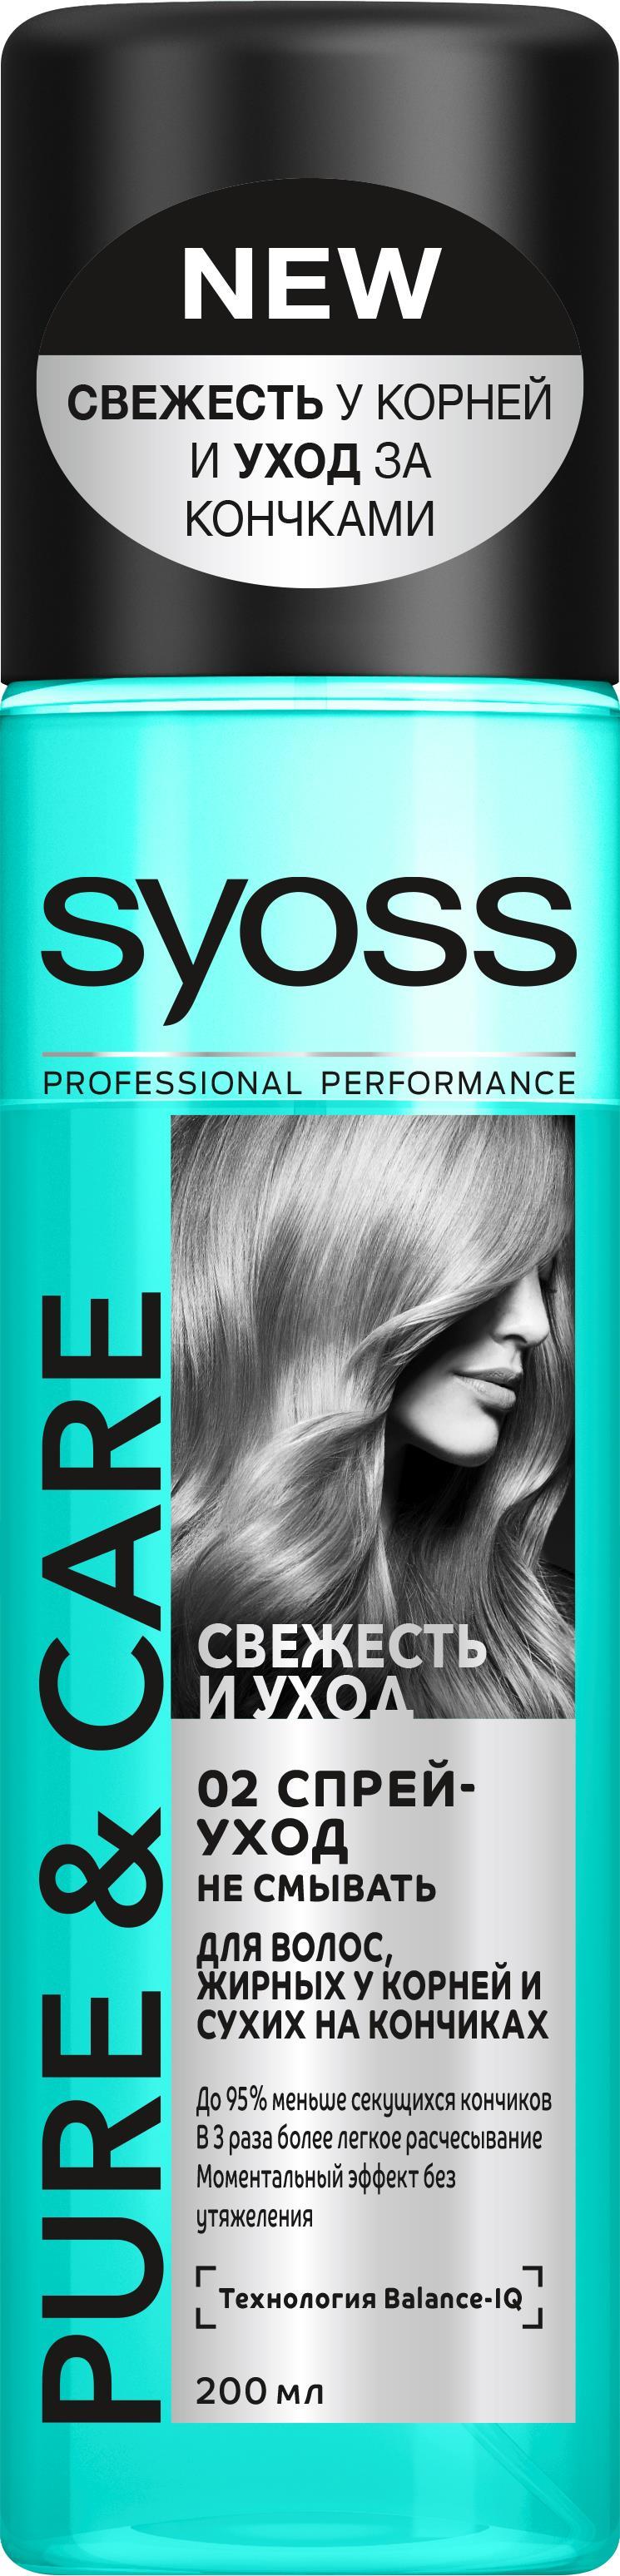 Syoss Pure&Care Спрей-уход для волос жирных у корней и сухих на кончиках, 200 мл спрей тонирующий syoss root retoucher черный 120мл активатор цвета